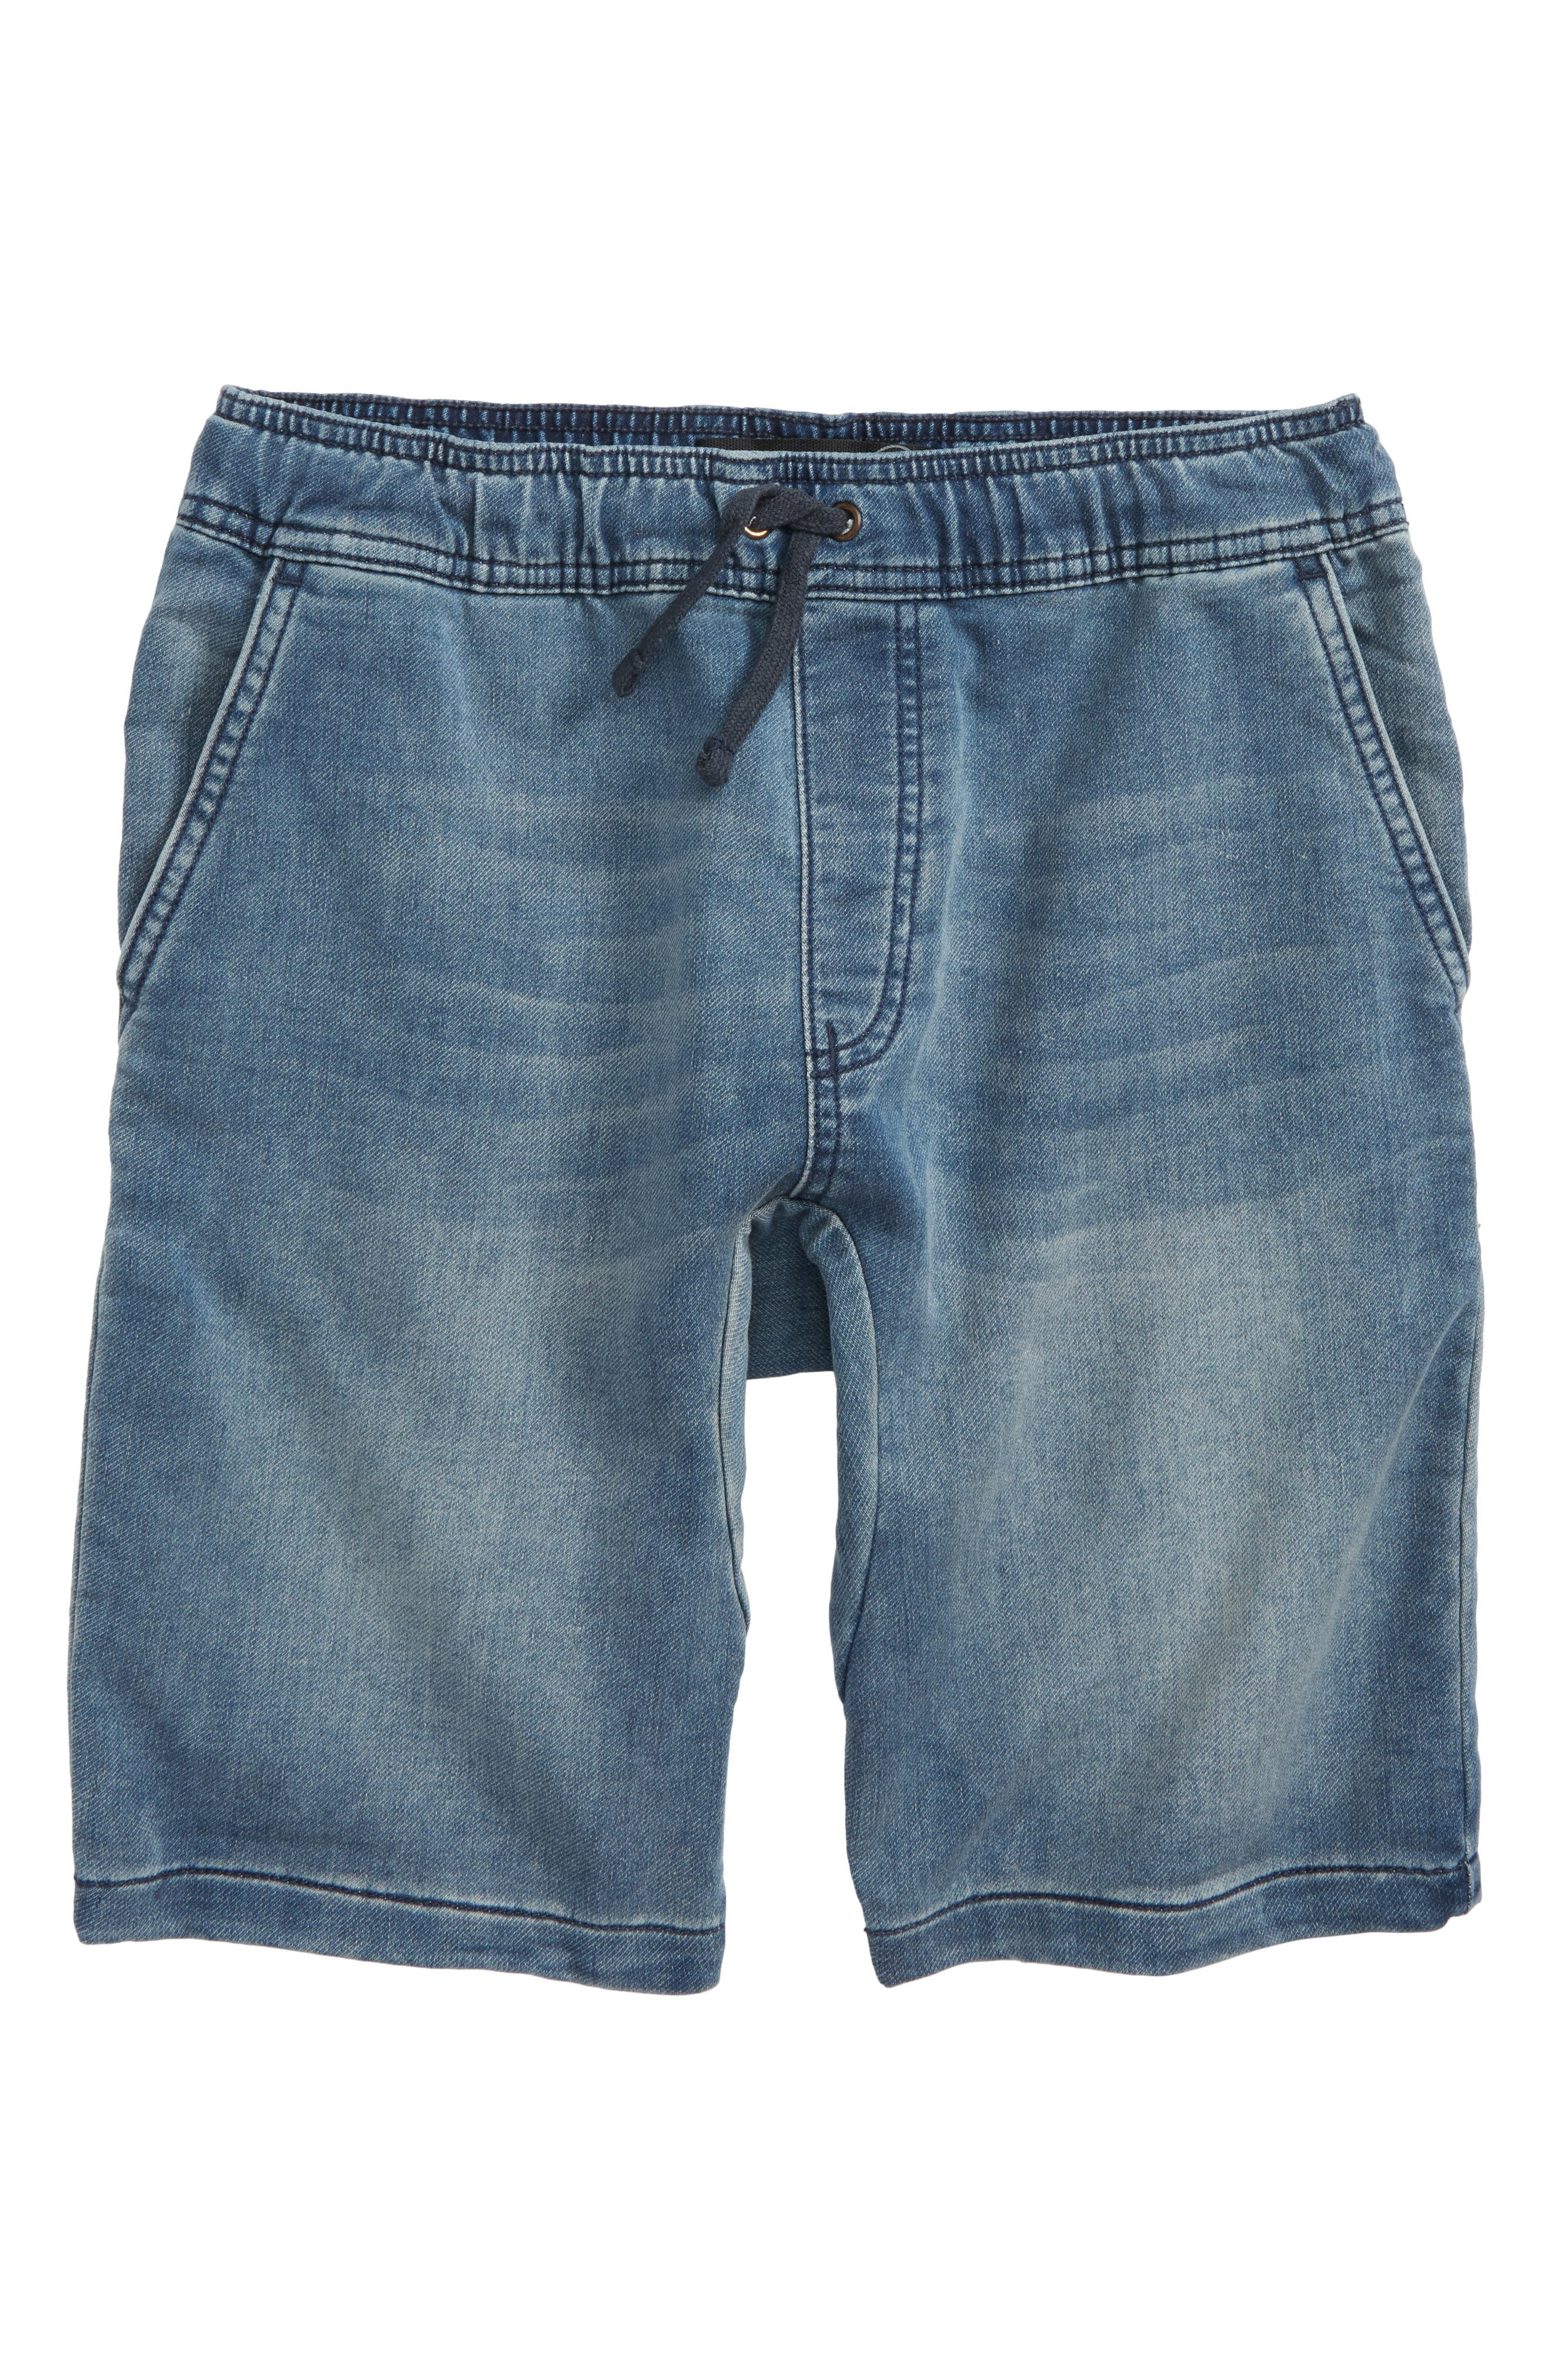 Denim Jogger Shorts,                         Main,                         color, Lott Wash